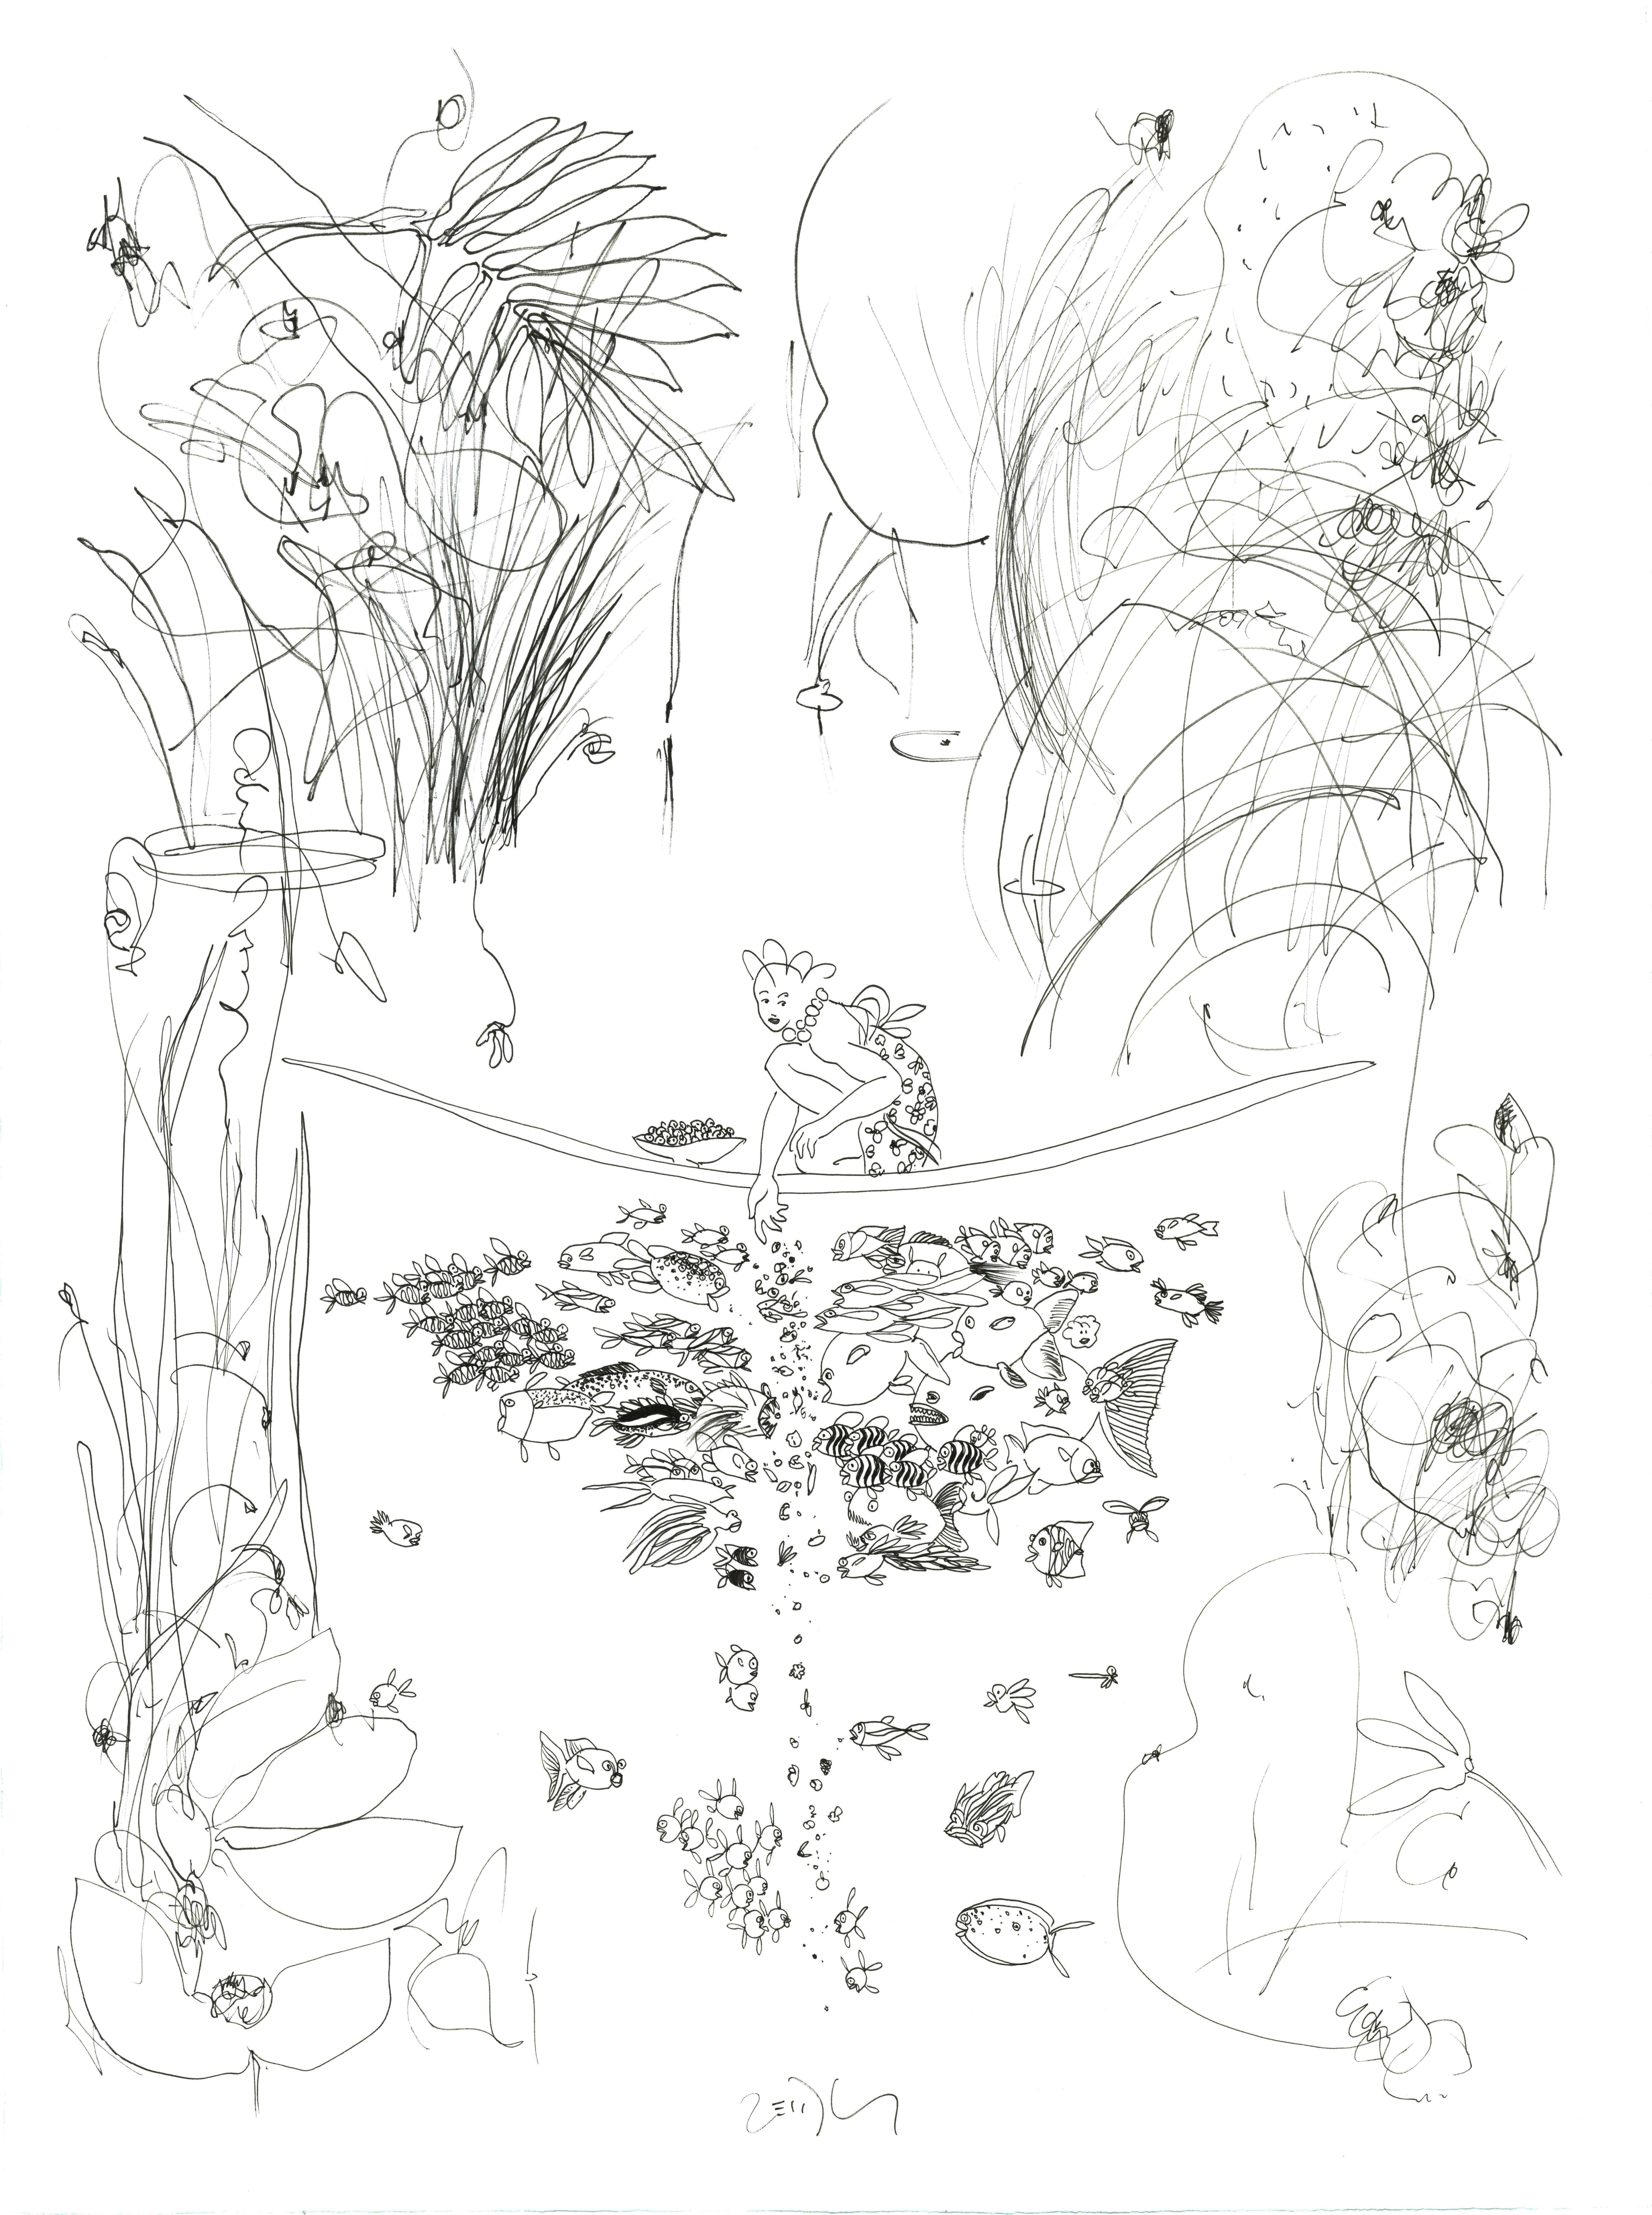 La pêcheuse nourrit les poissons - Encre sur papier - 80 x 106 cm - 1000 €